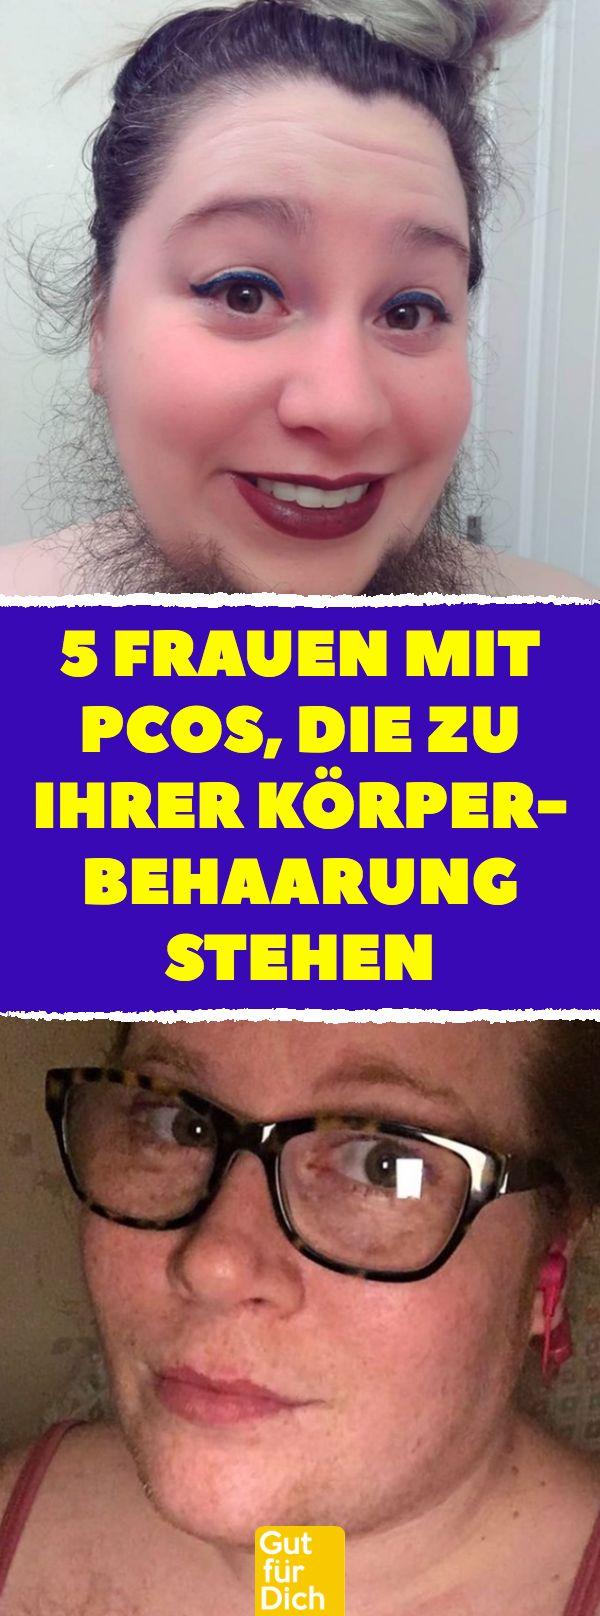 5 Frauen mit PCOS, die zu ihrer Körperbehaarung stehen